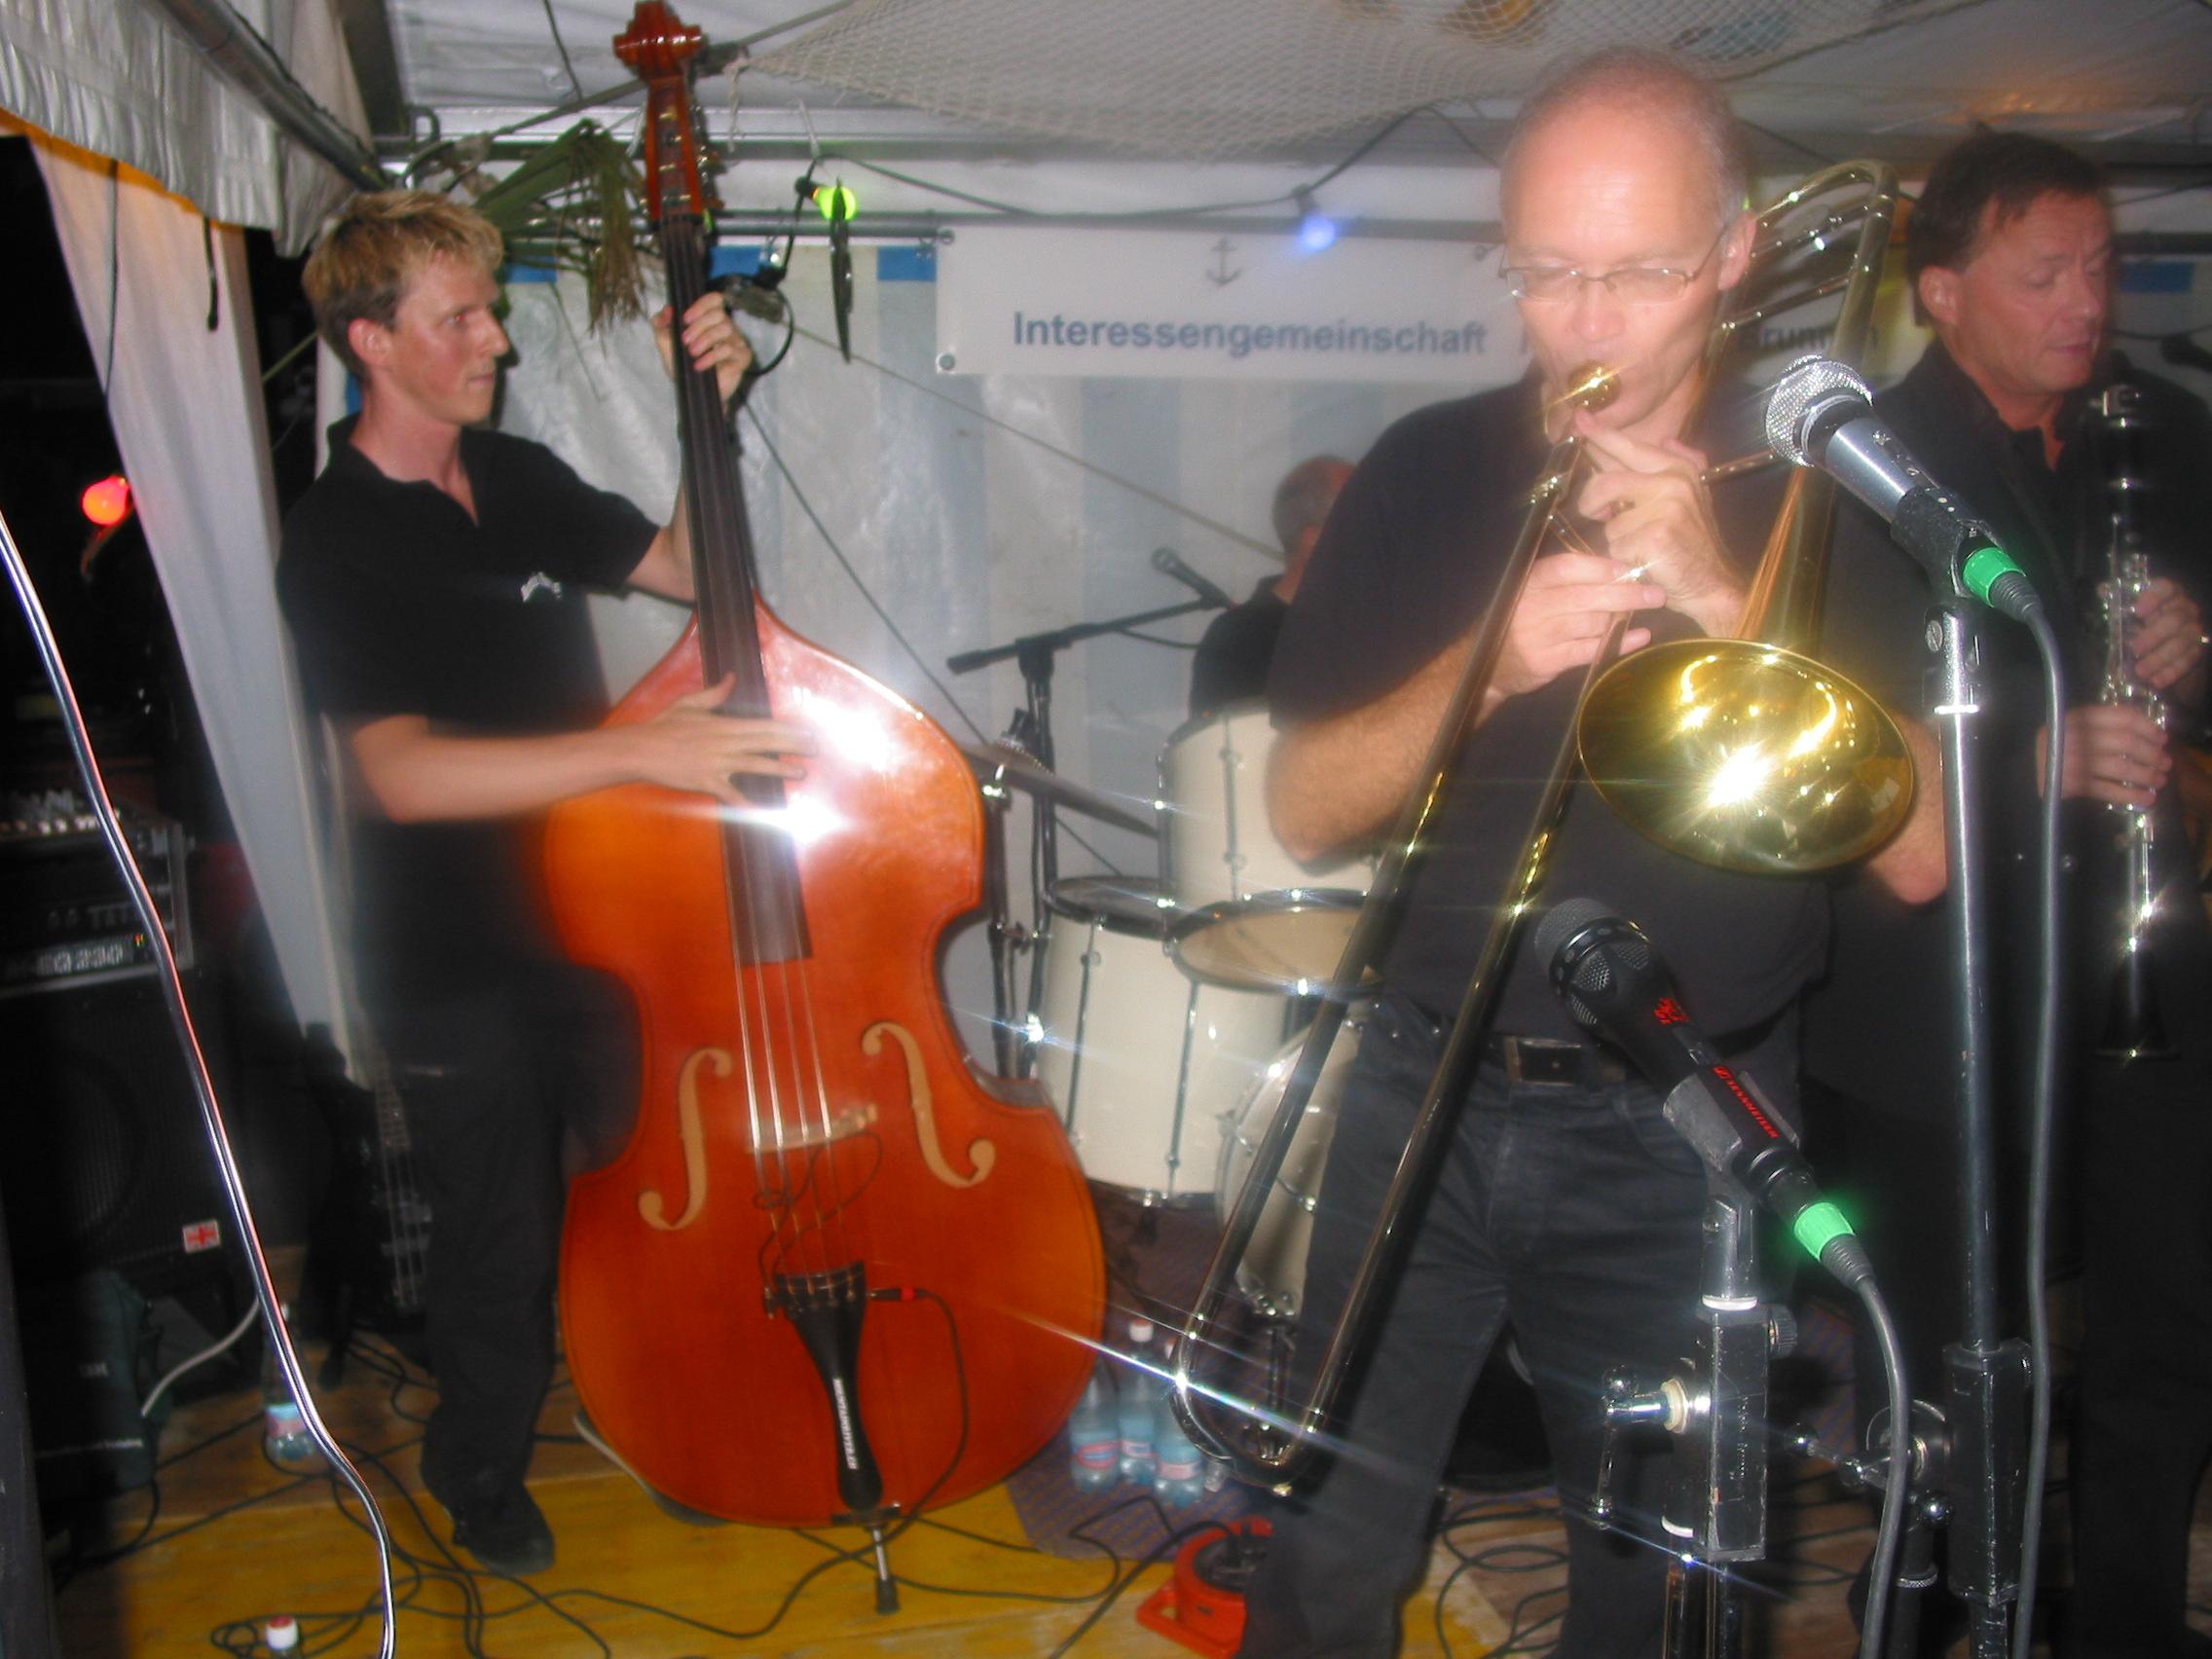 igf-hafenfest-brunnen-2005-29